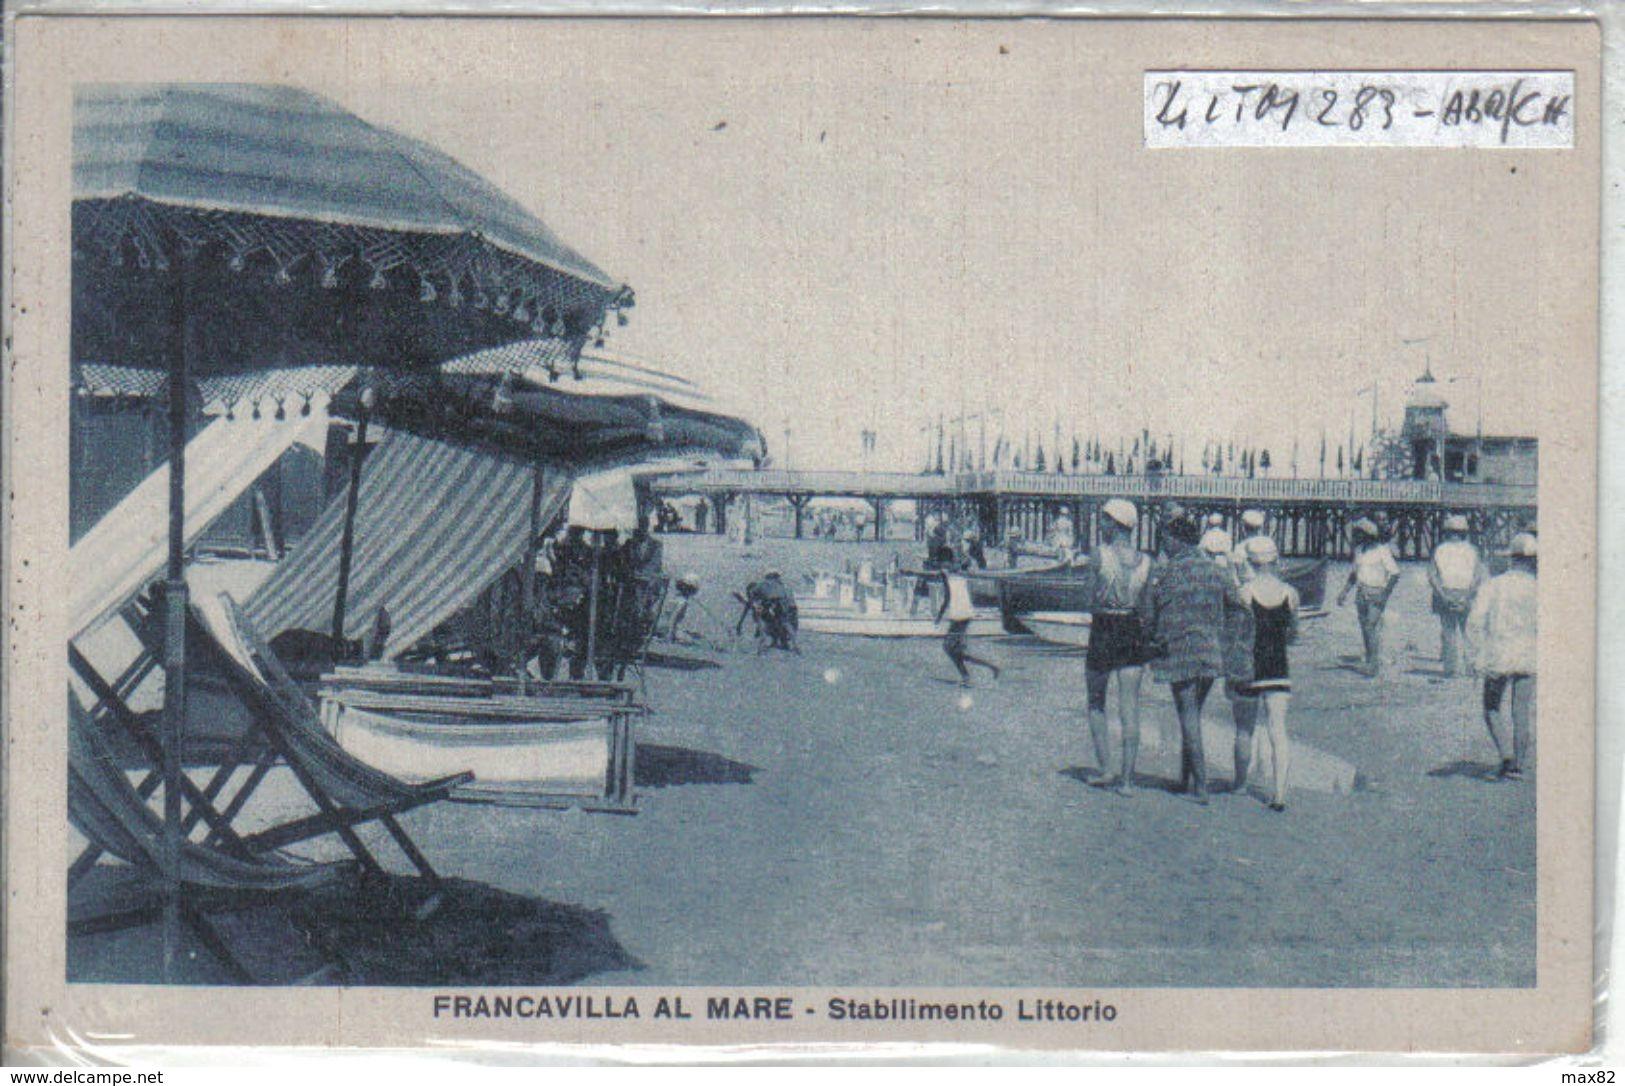 FRACAVILLA AL MARE - Chieti